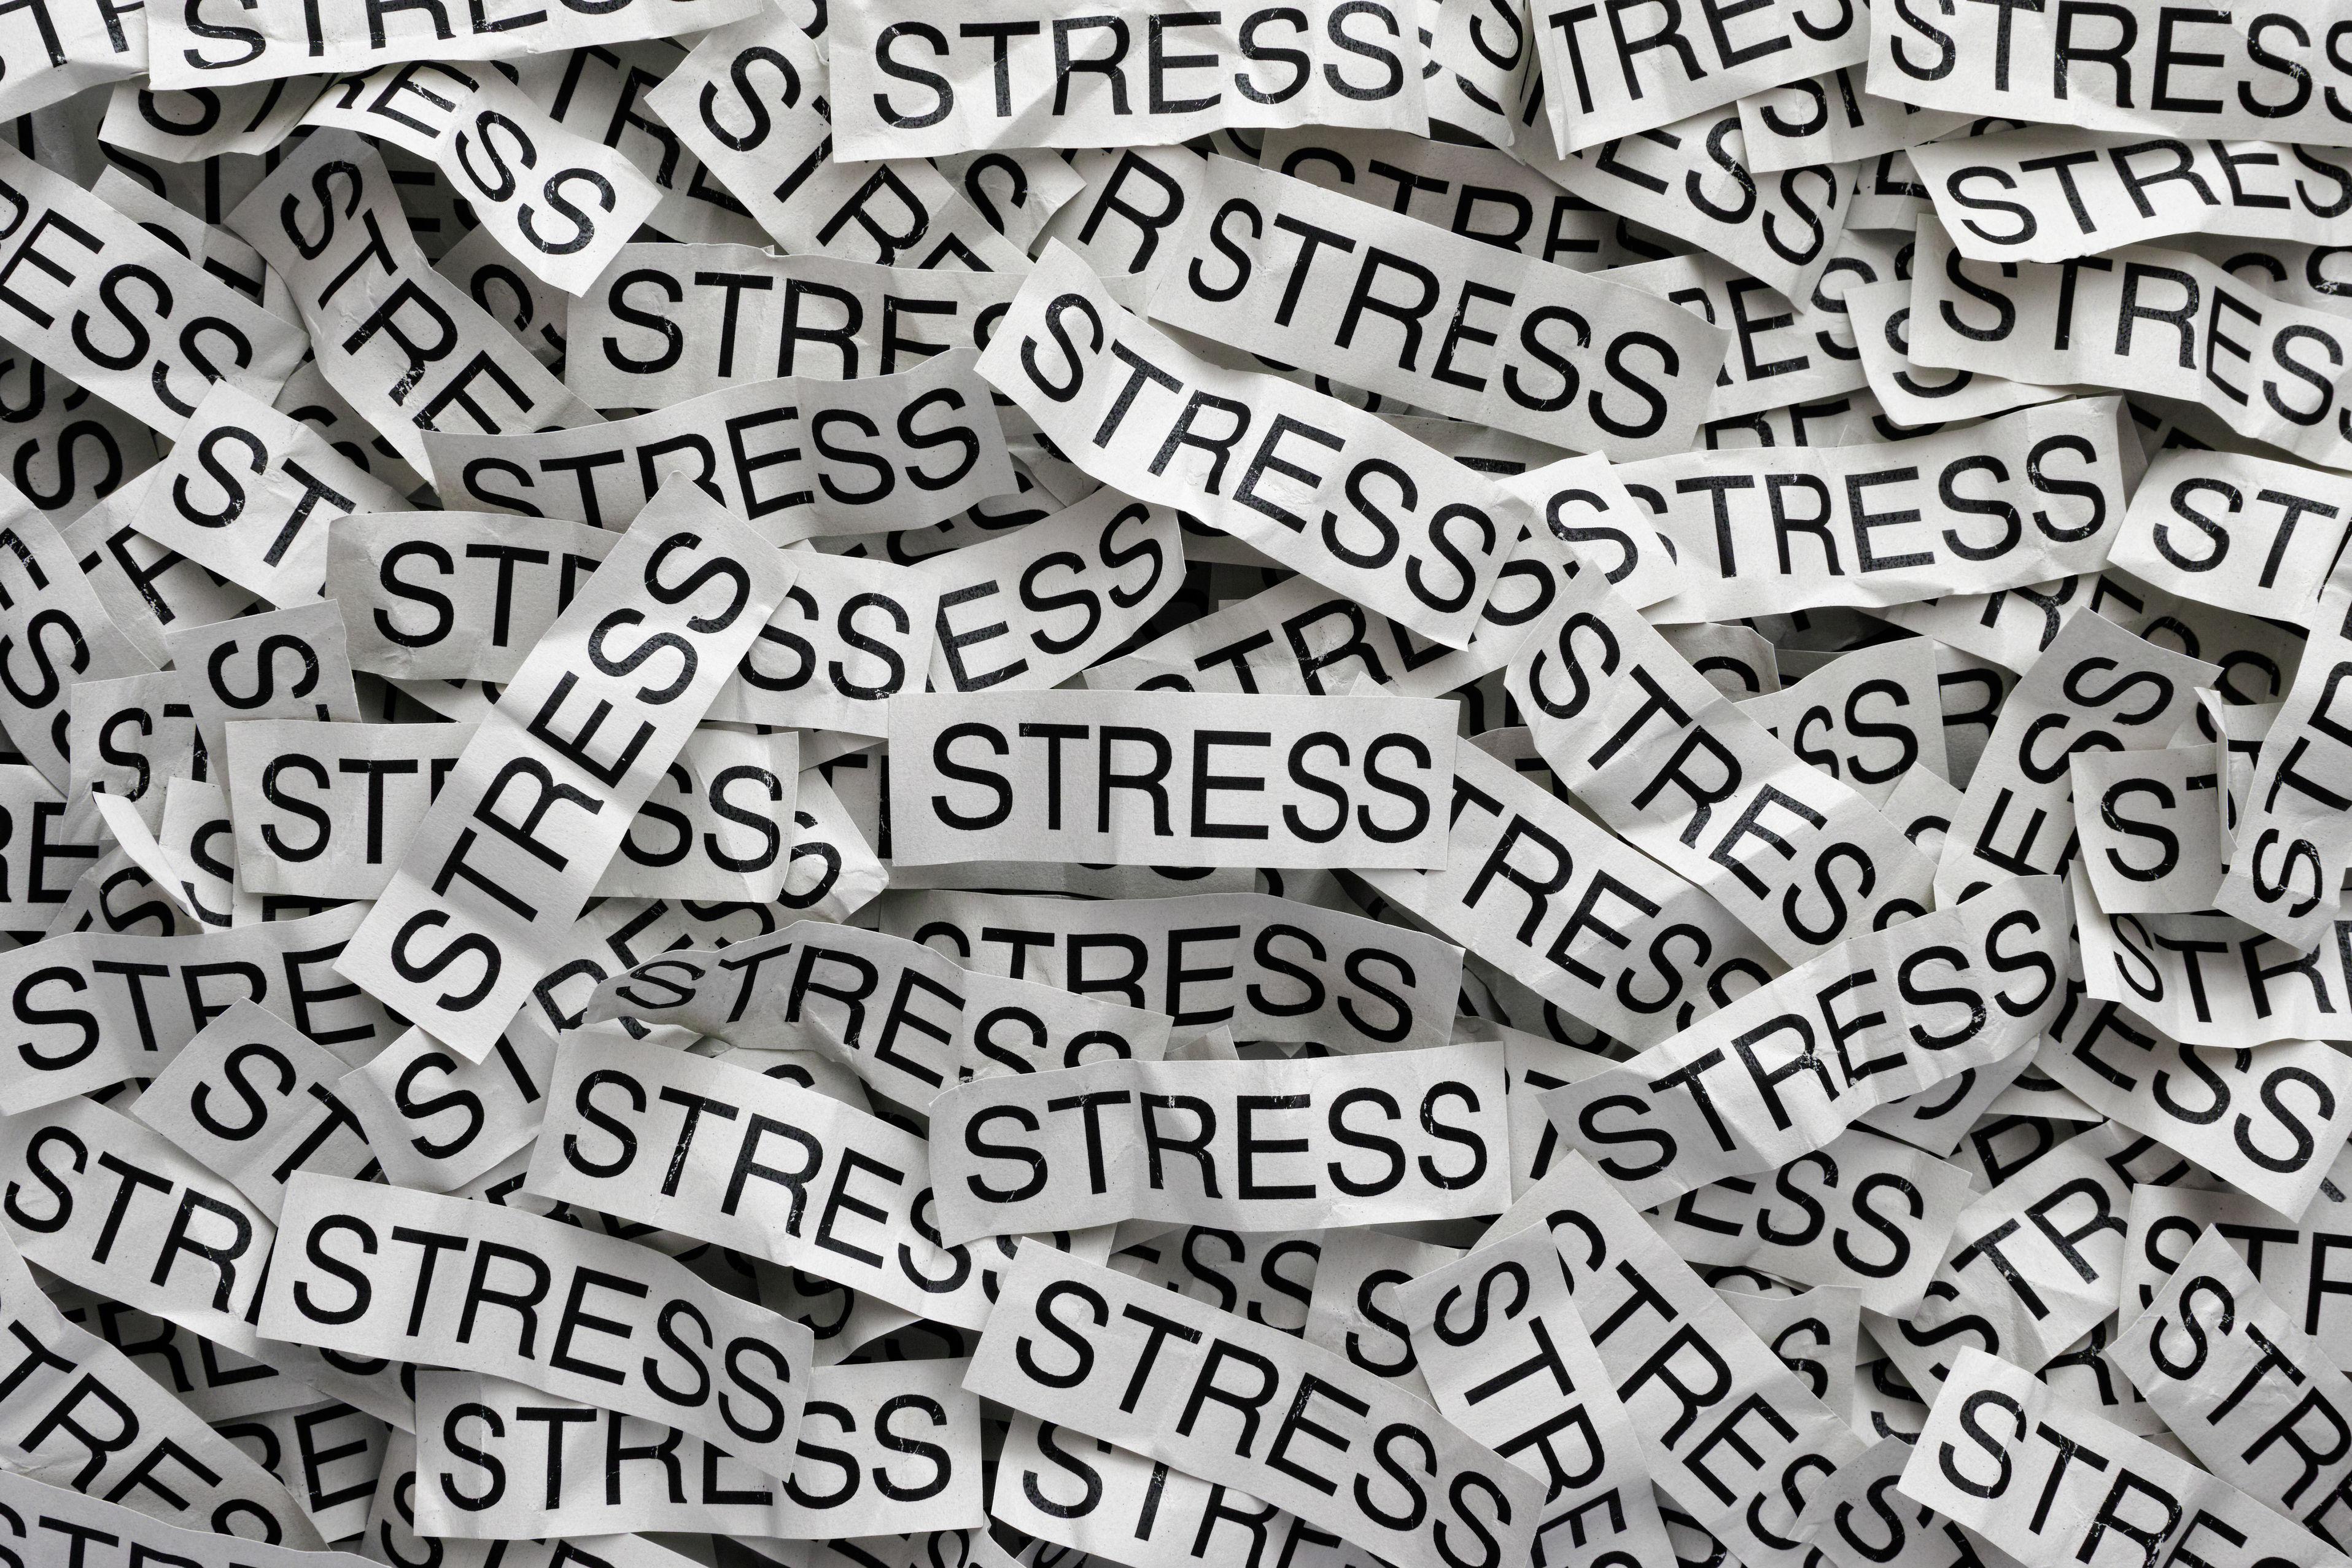 7 วิธีกำจัดความเครียด